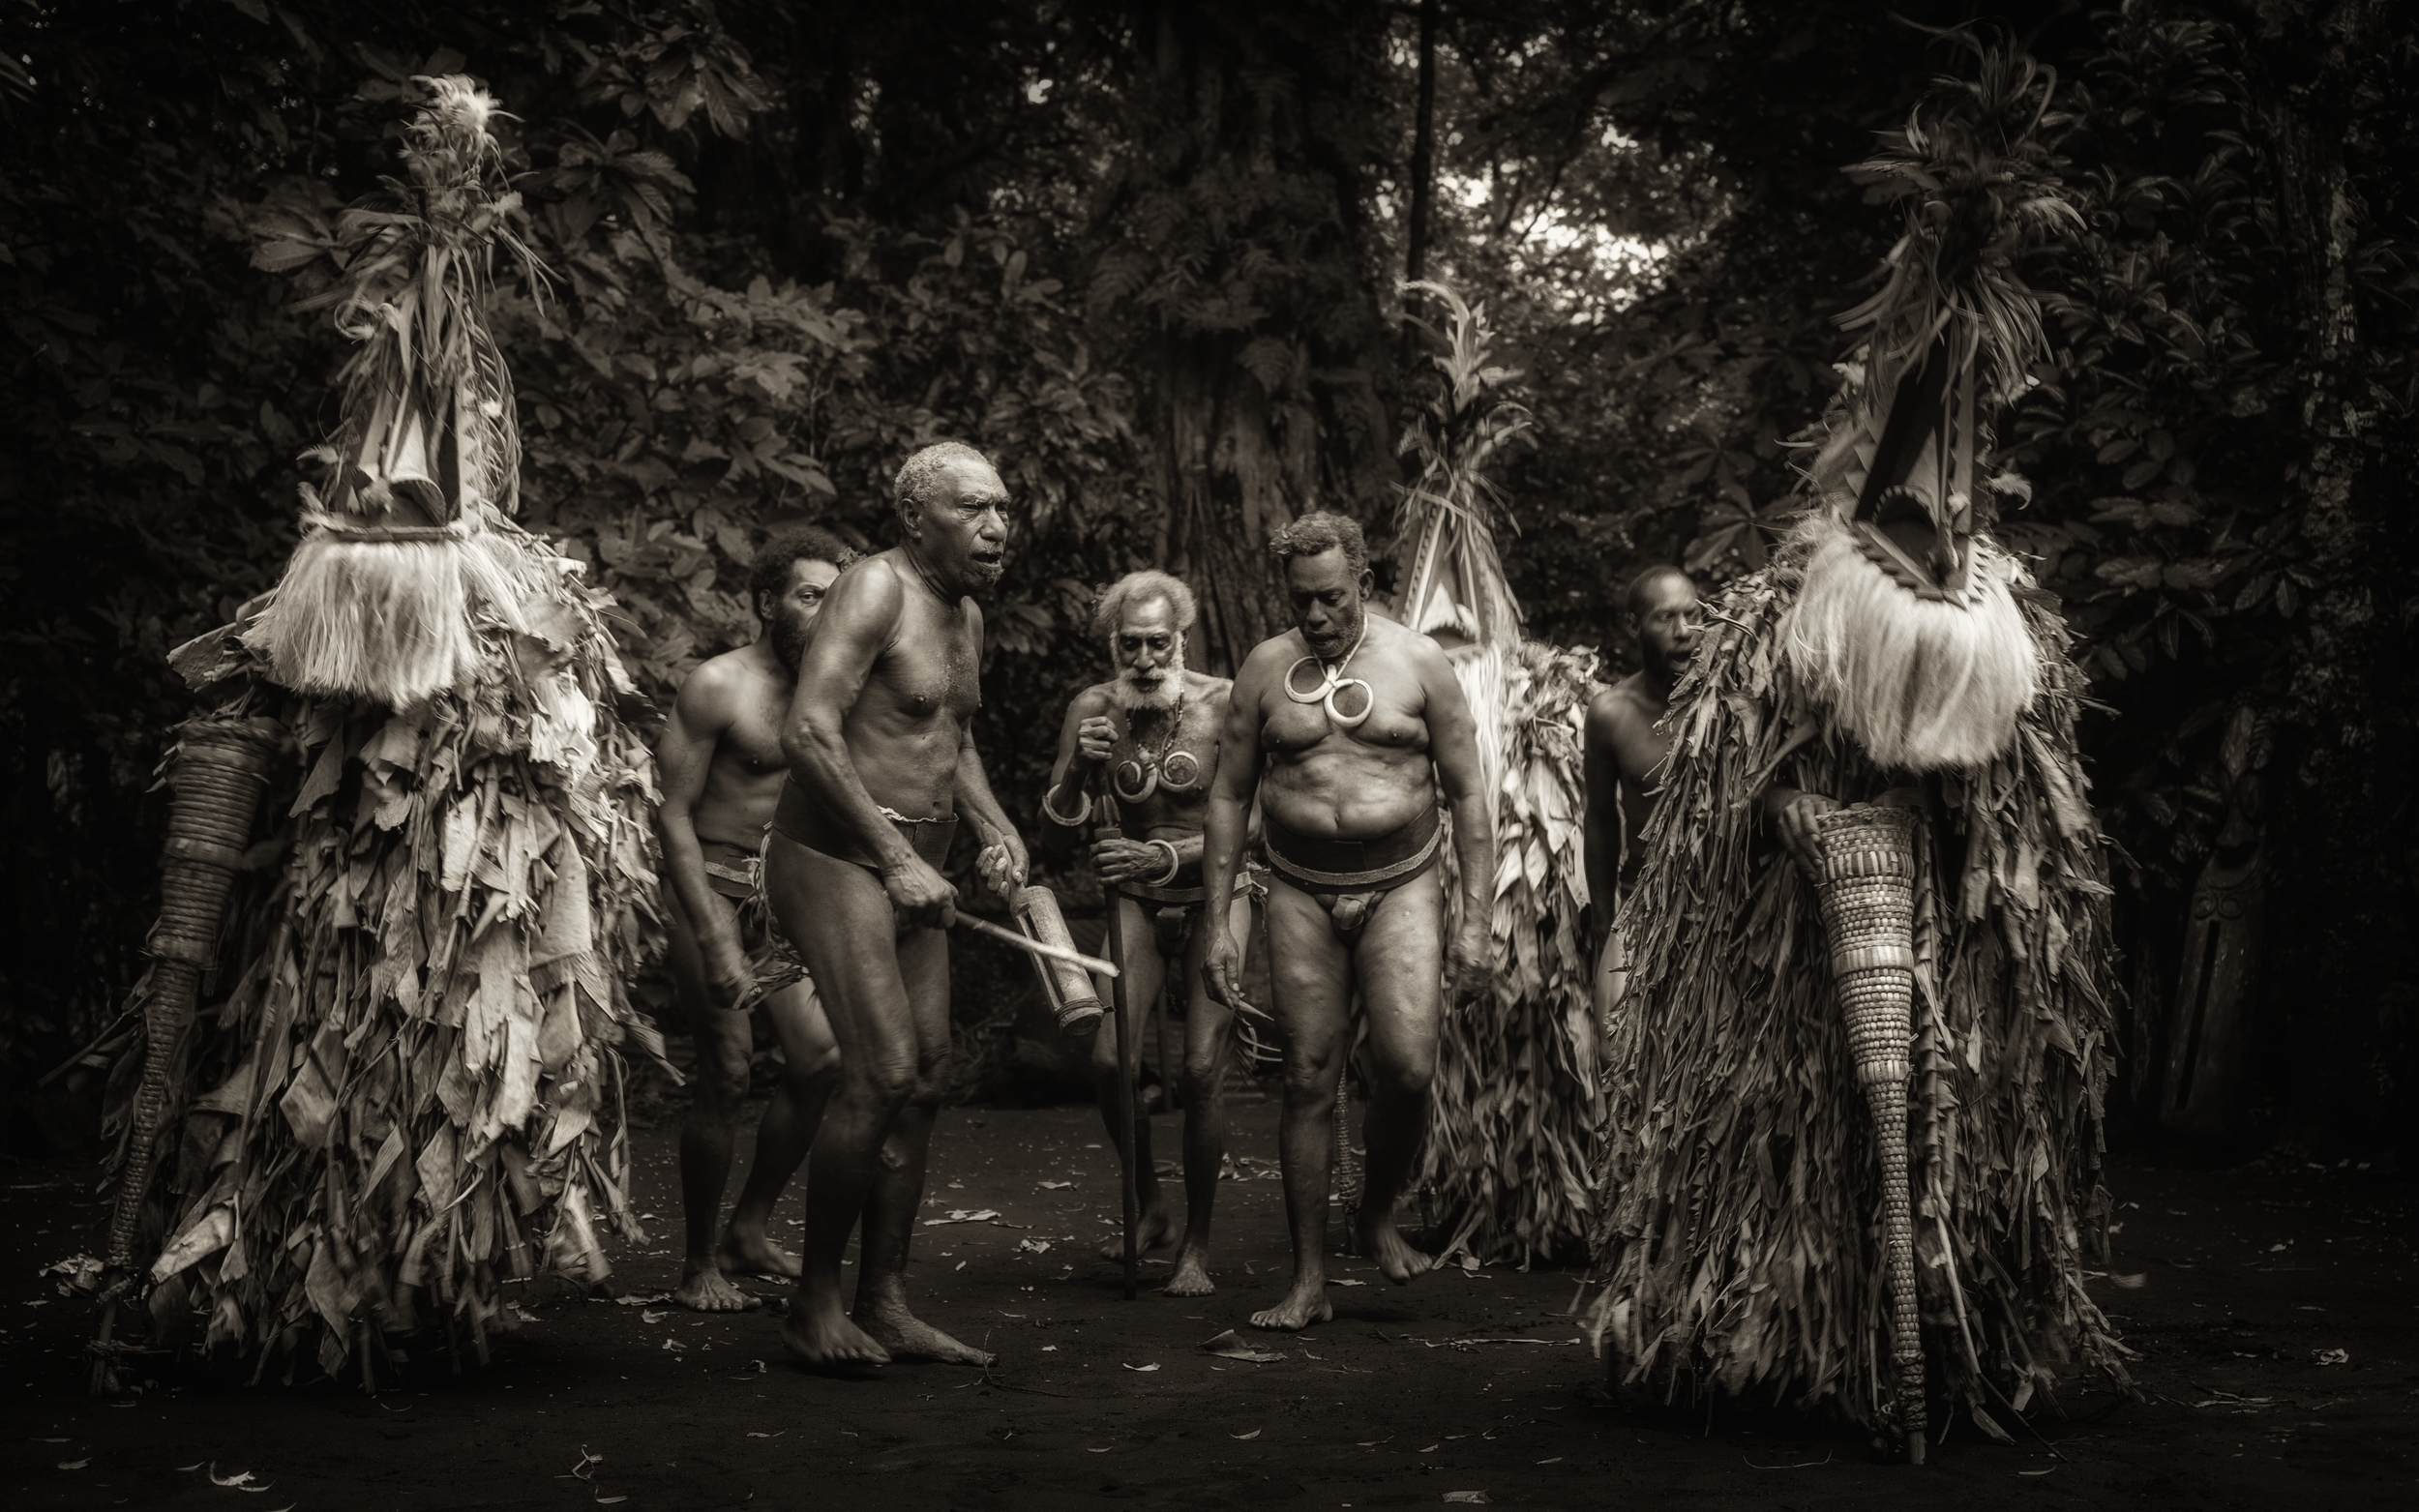 rom dance: still living tradition